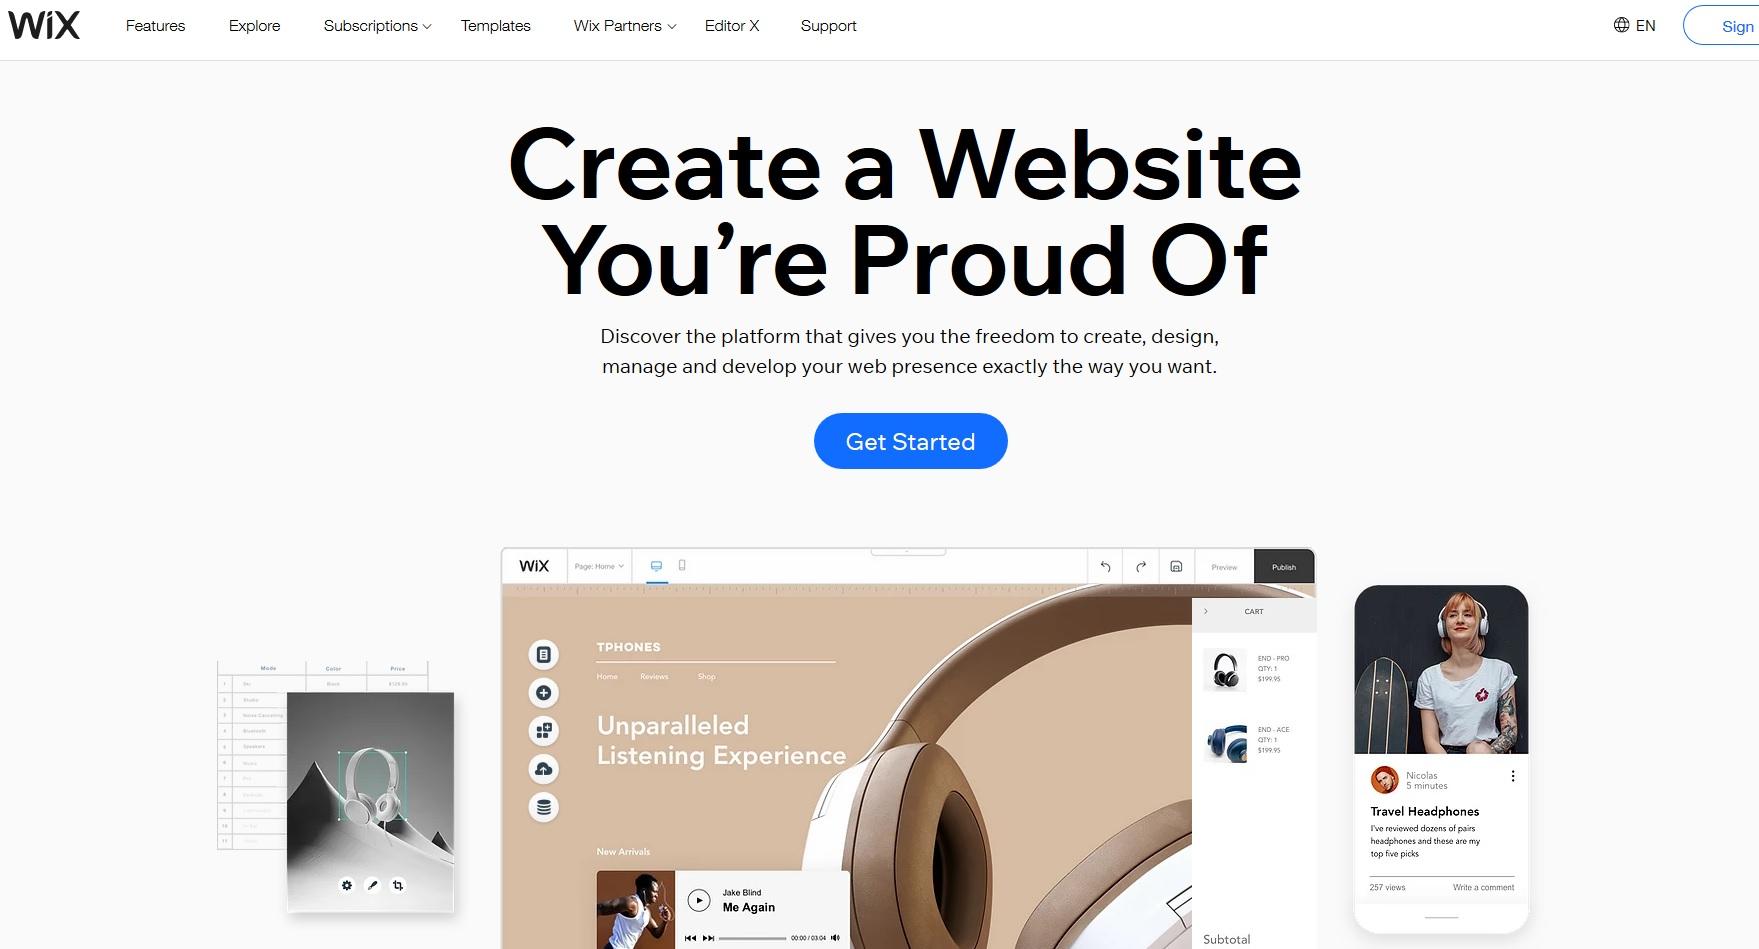 Създаване на блог в платформата Wix.com